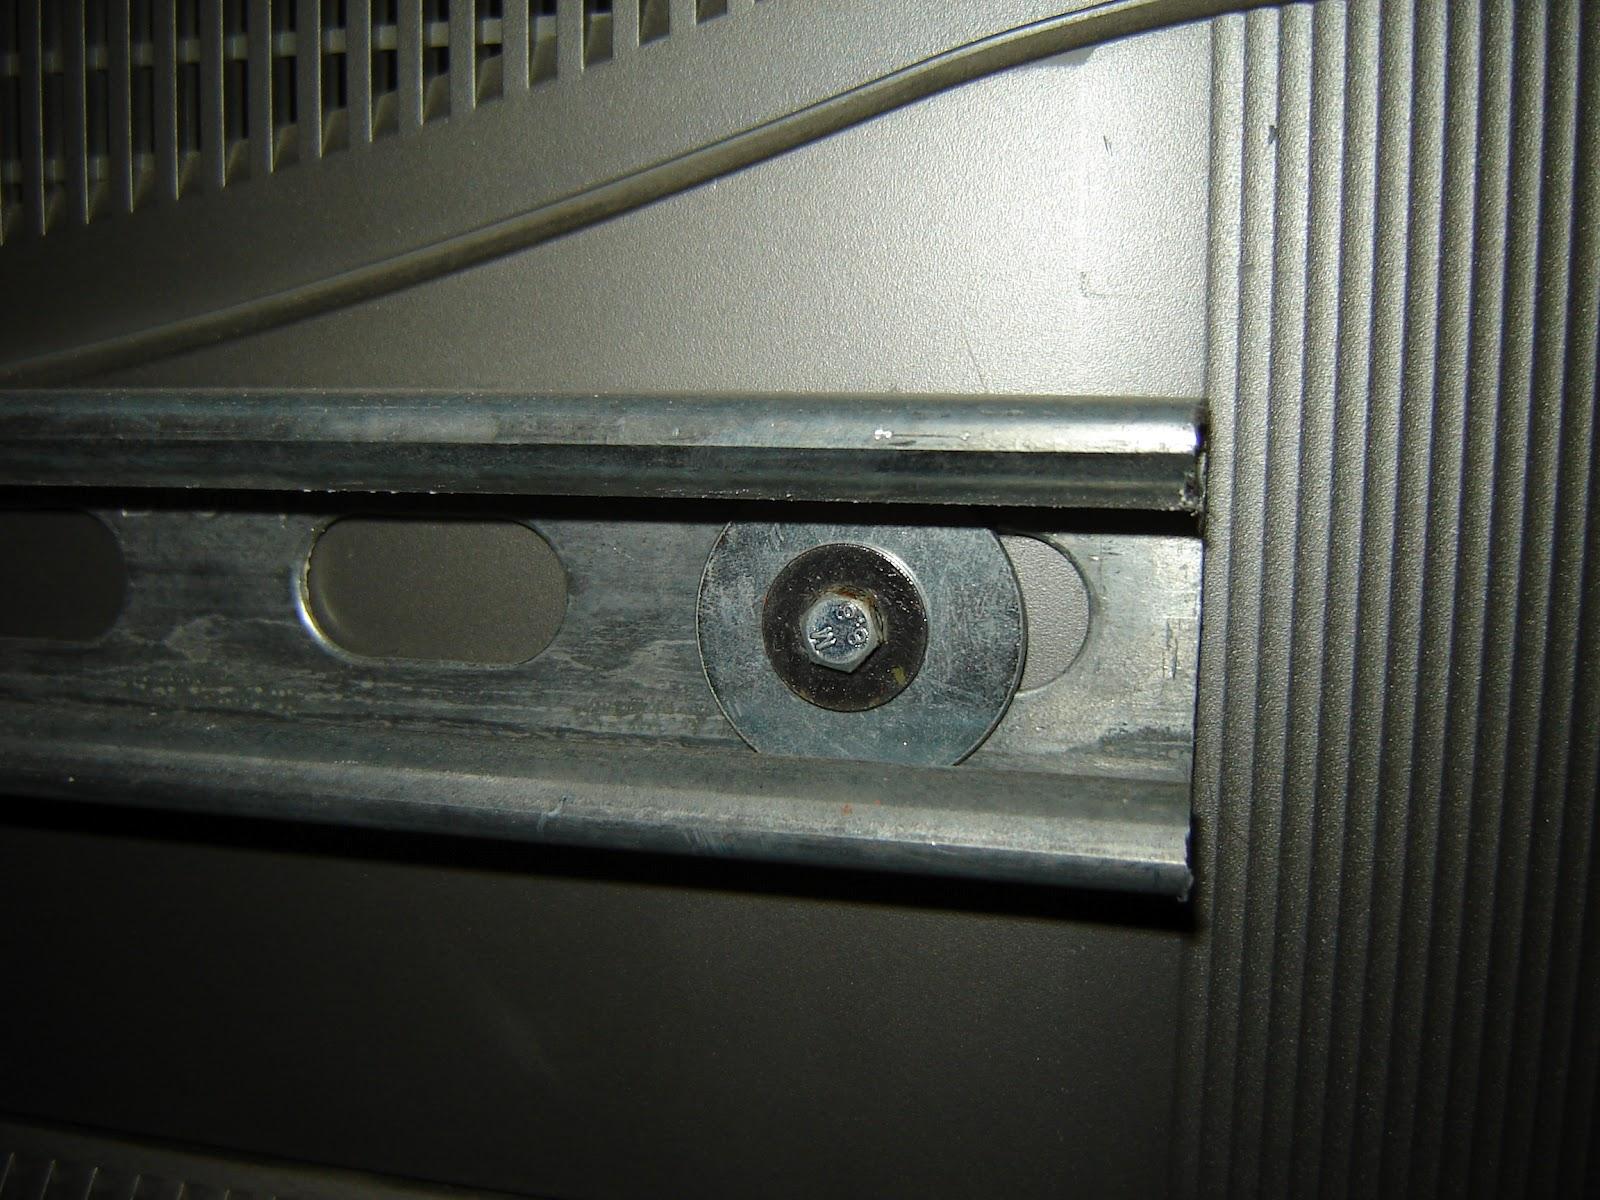 http://4.bp.blogspot.com/-Xgqg39lVvR8/T5ngbo7VijI/AAAAAAAAB1s/B9_IPhFR_1I/s1600/TV+Wall+mount+screw.JPG